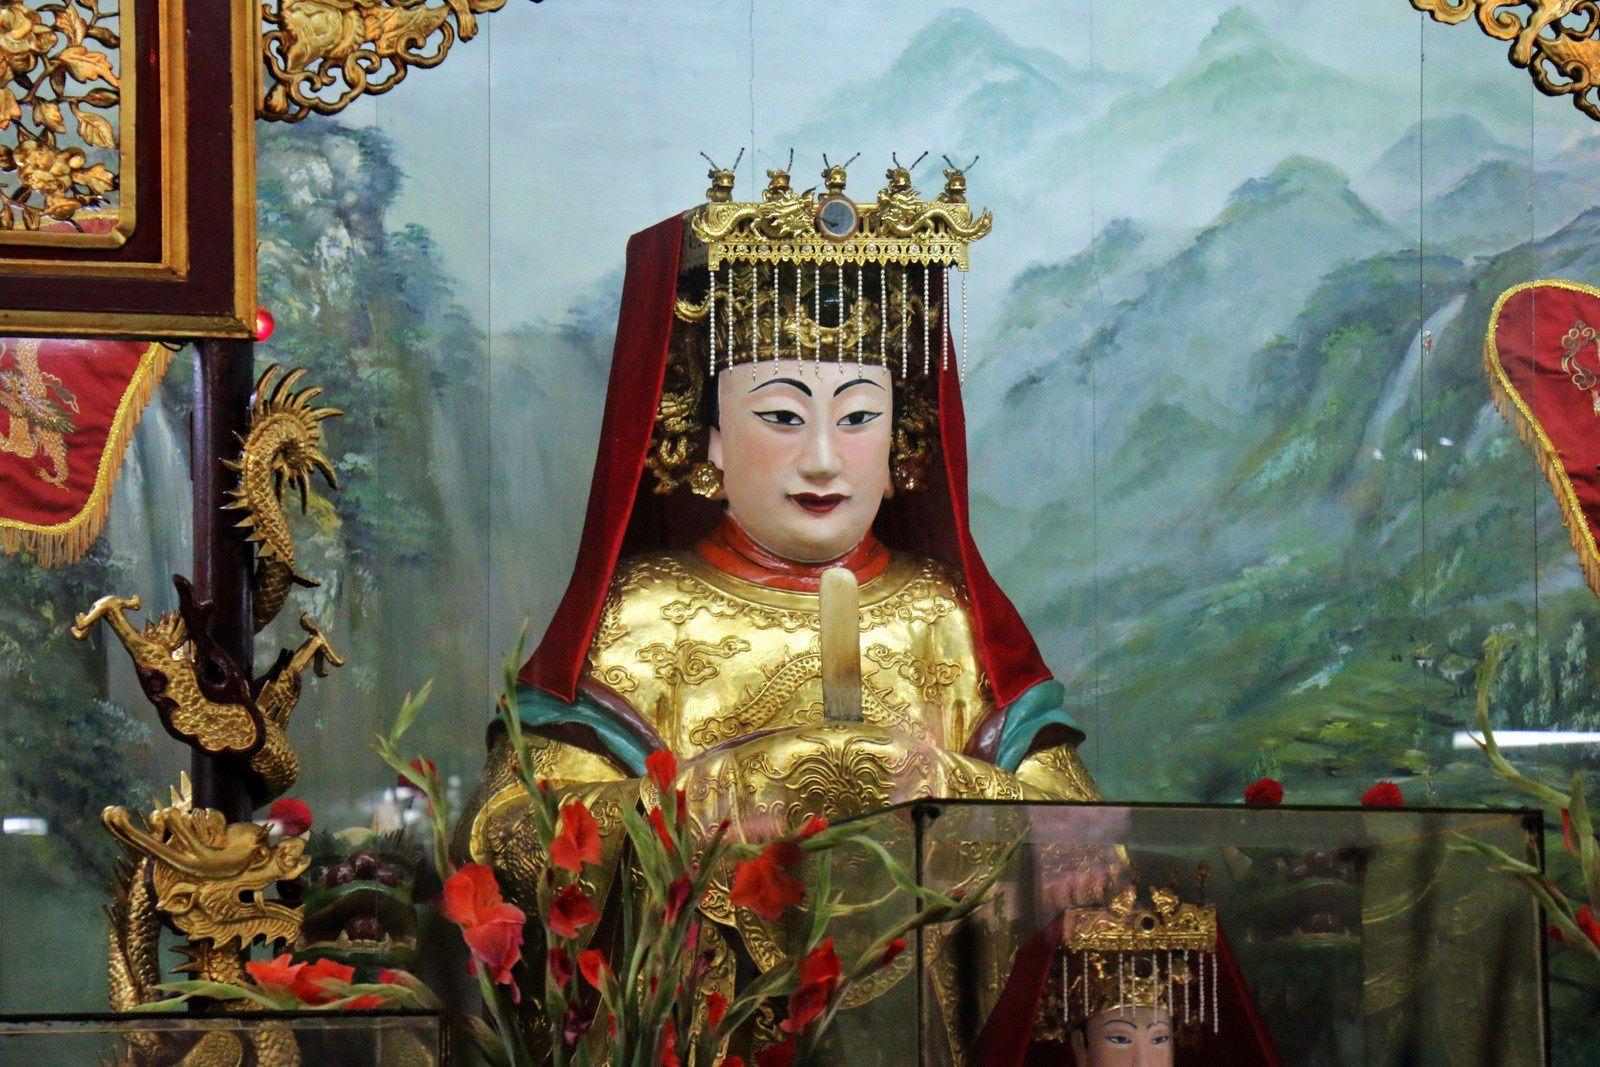 La pagode Phuc Kien (2/2), Hội An (Vietnam)